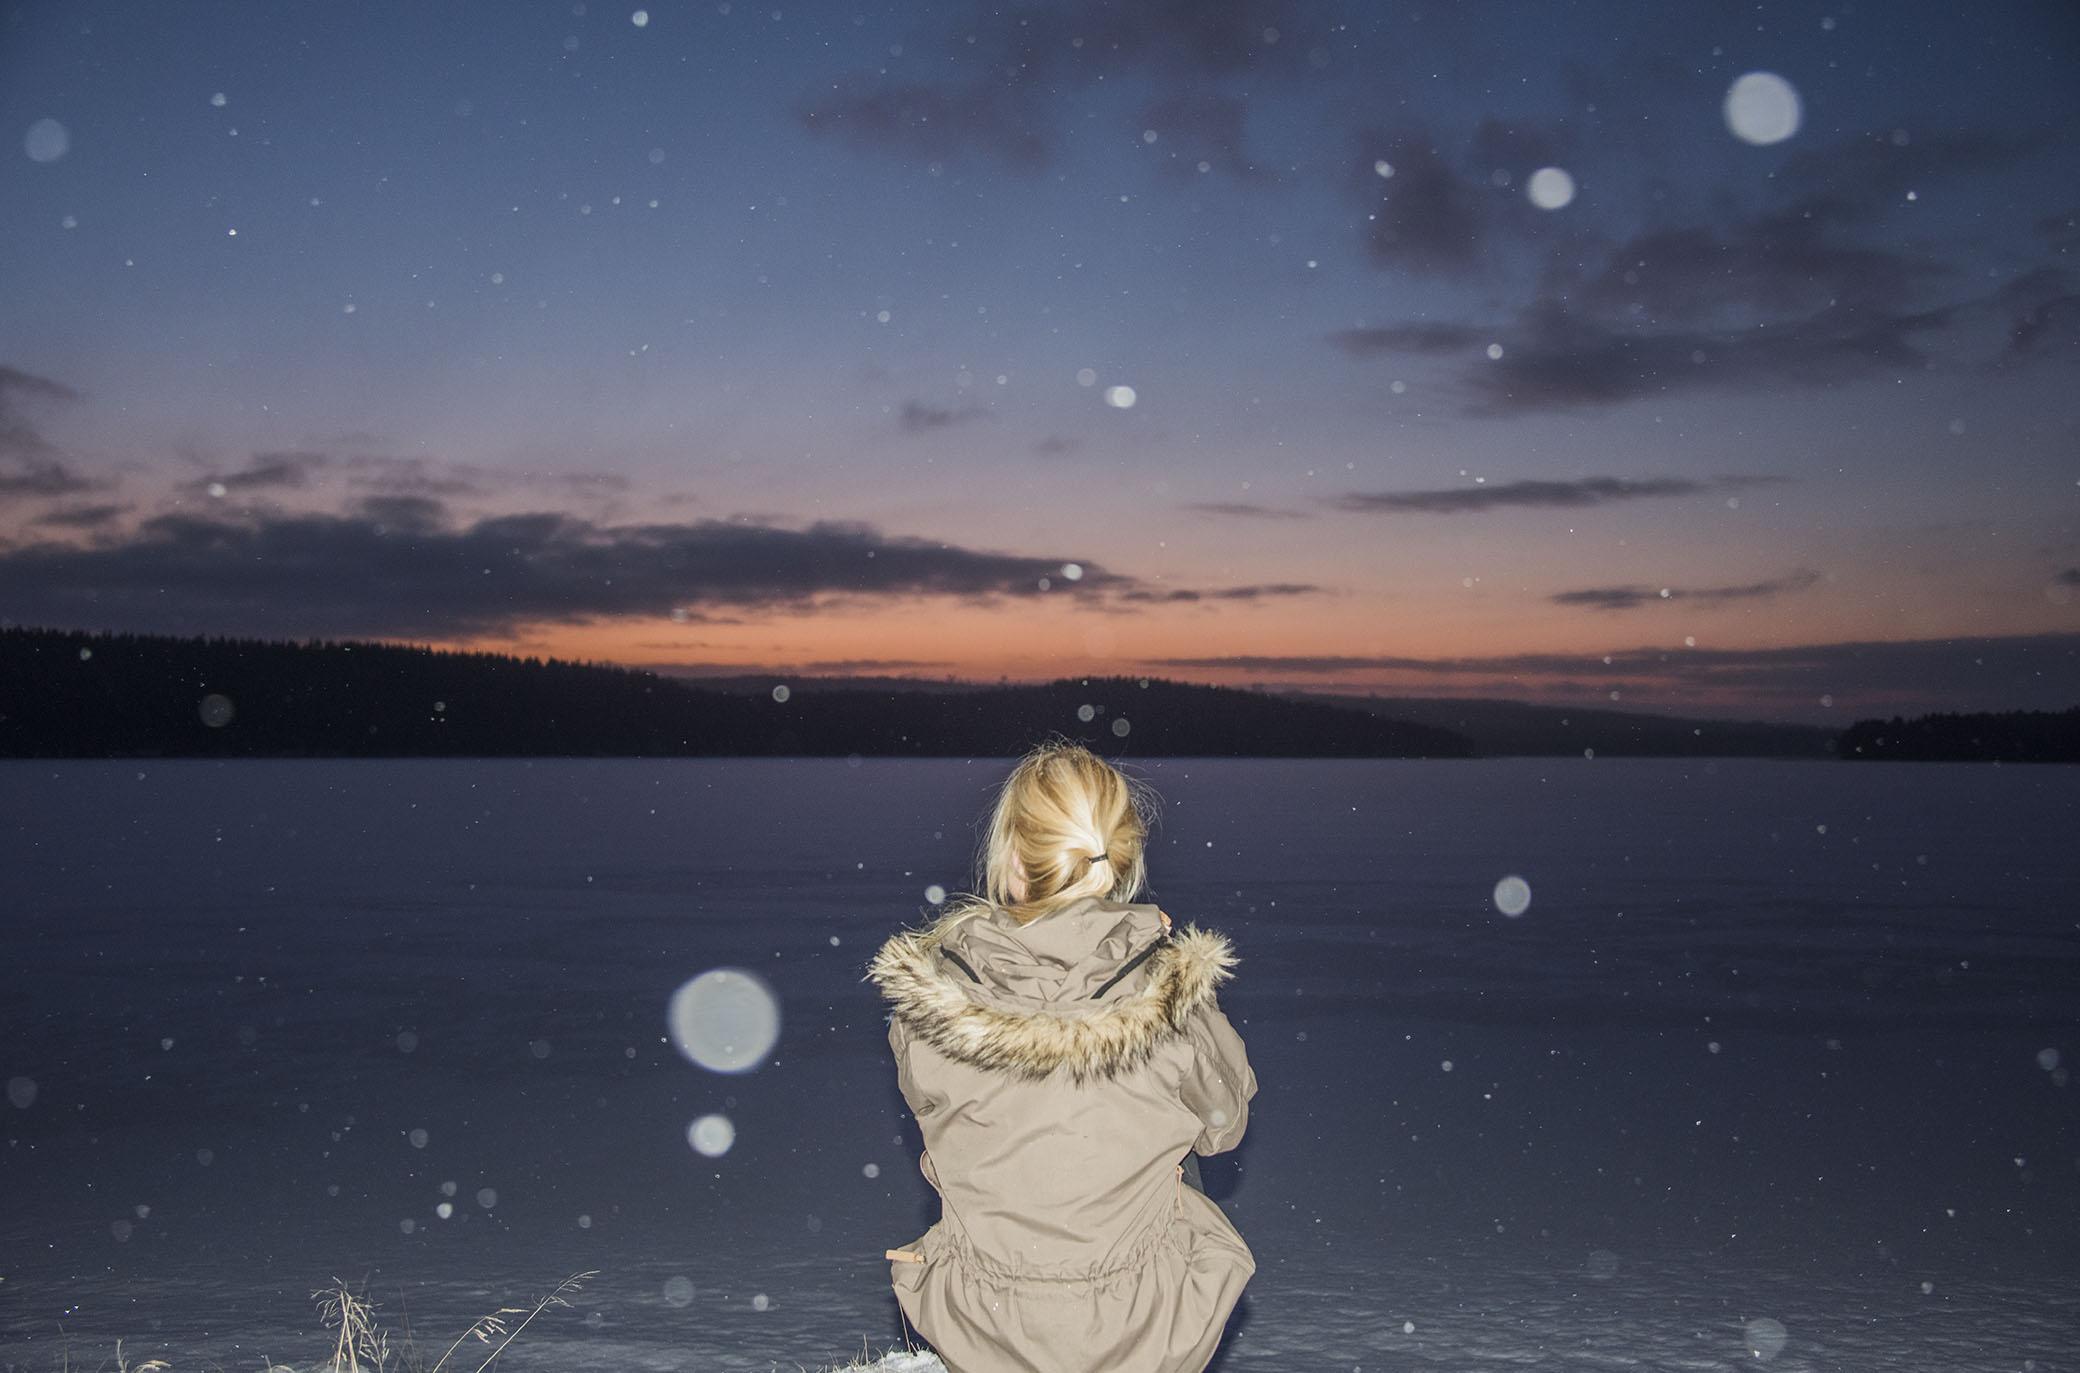 Nere vid isen för att samla lite ny energi.